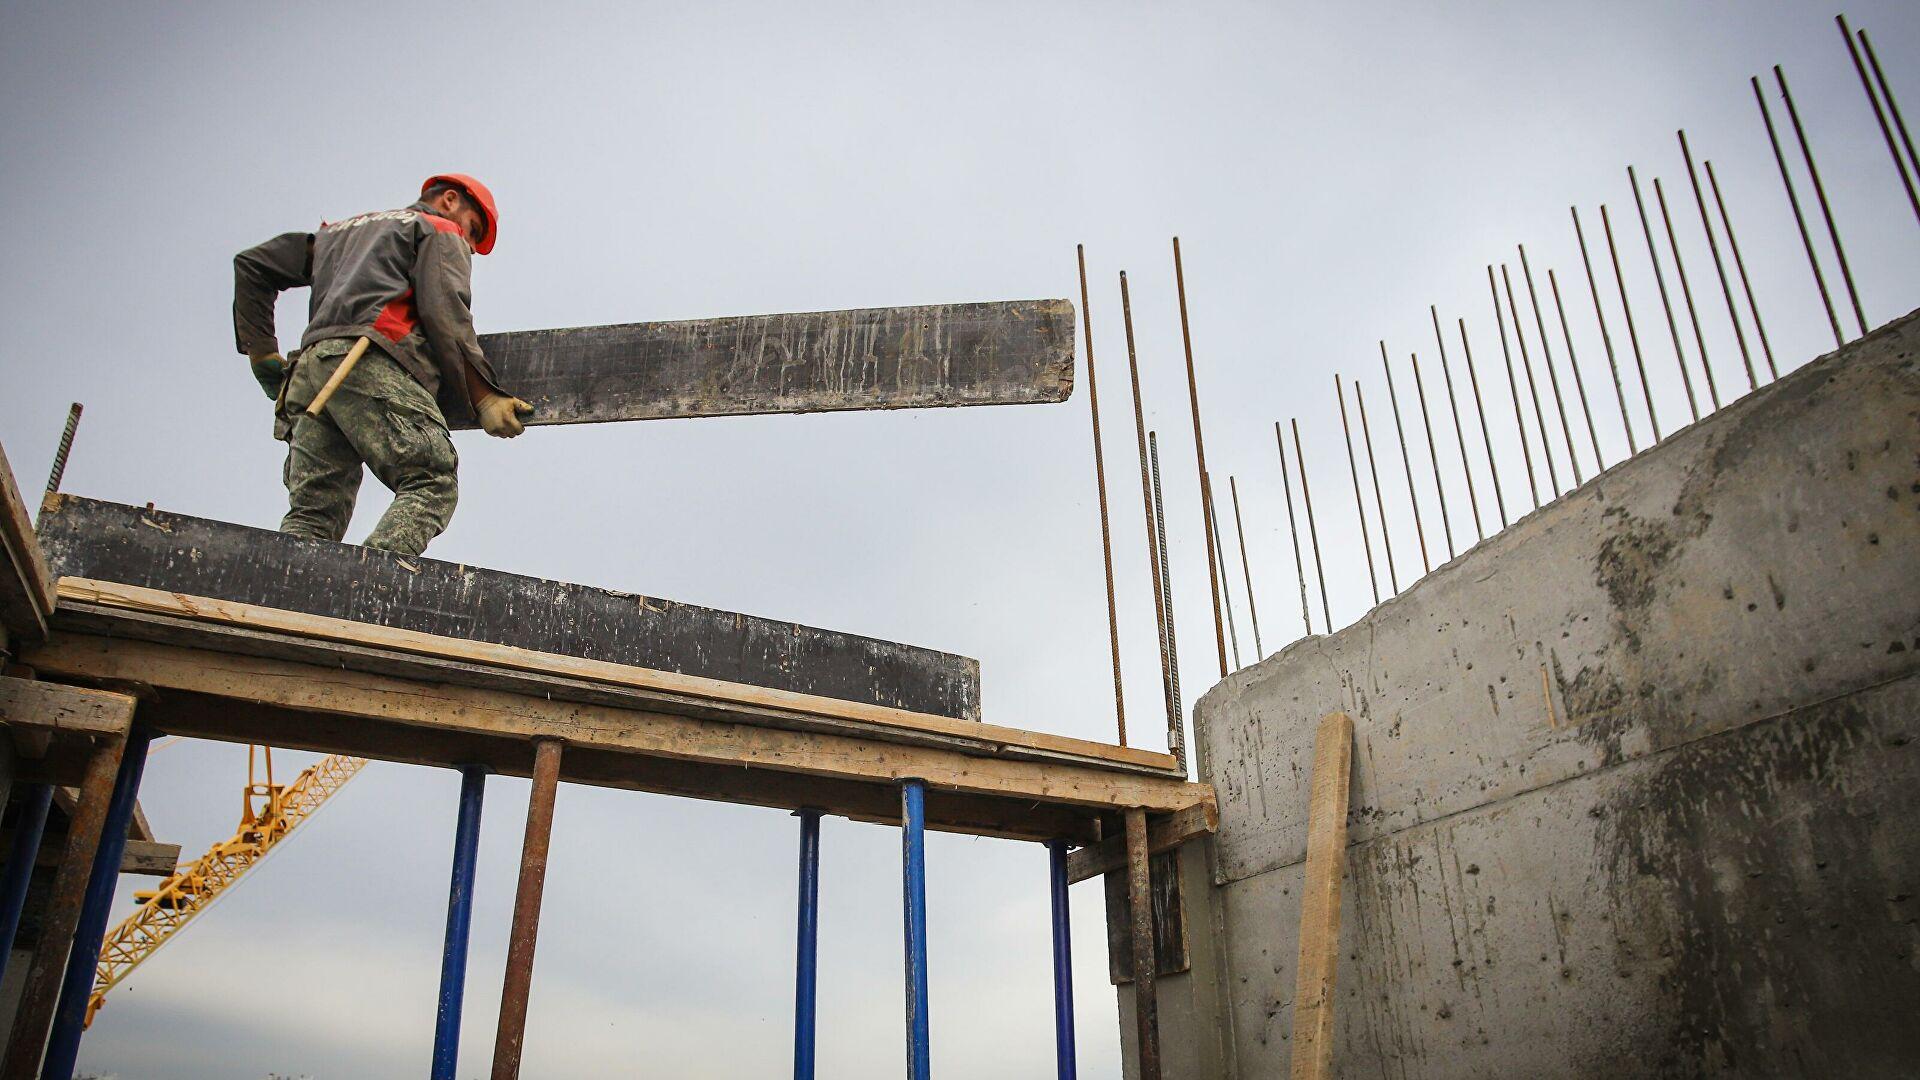 Аналитик рассказал, когда снизятся цены на загородную недвижимость